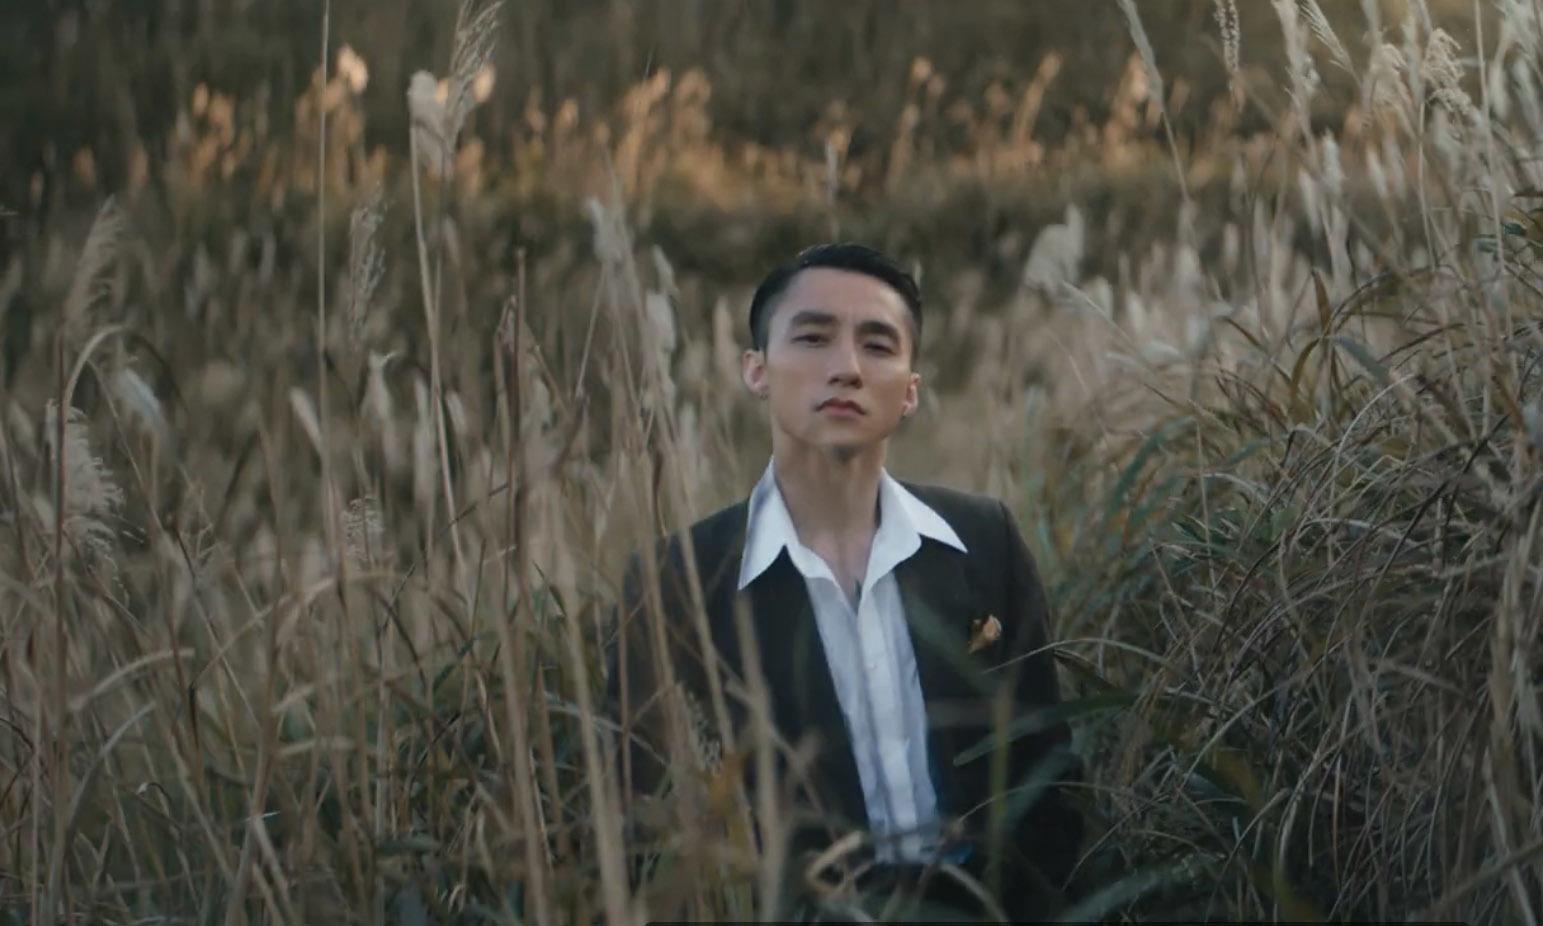 Xứ sở ngàn lau' Bình Liêu đẹp mê hồn, từ MV của Sơn Tùng M-TP đến đời thực - VietNamNet